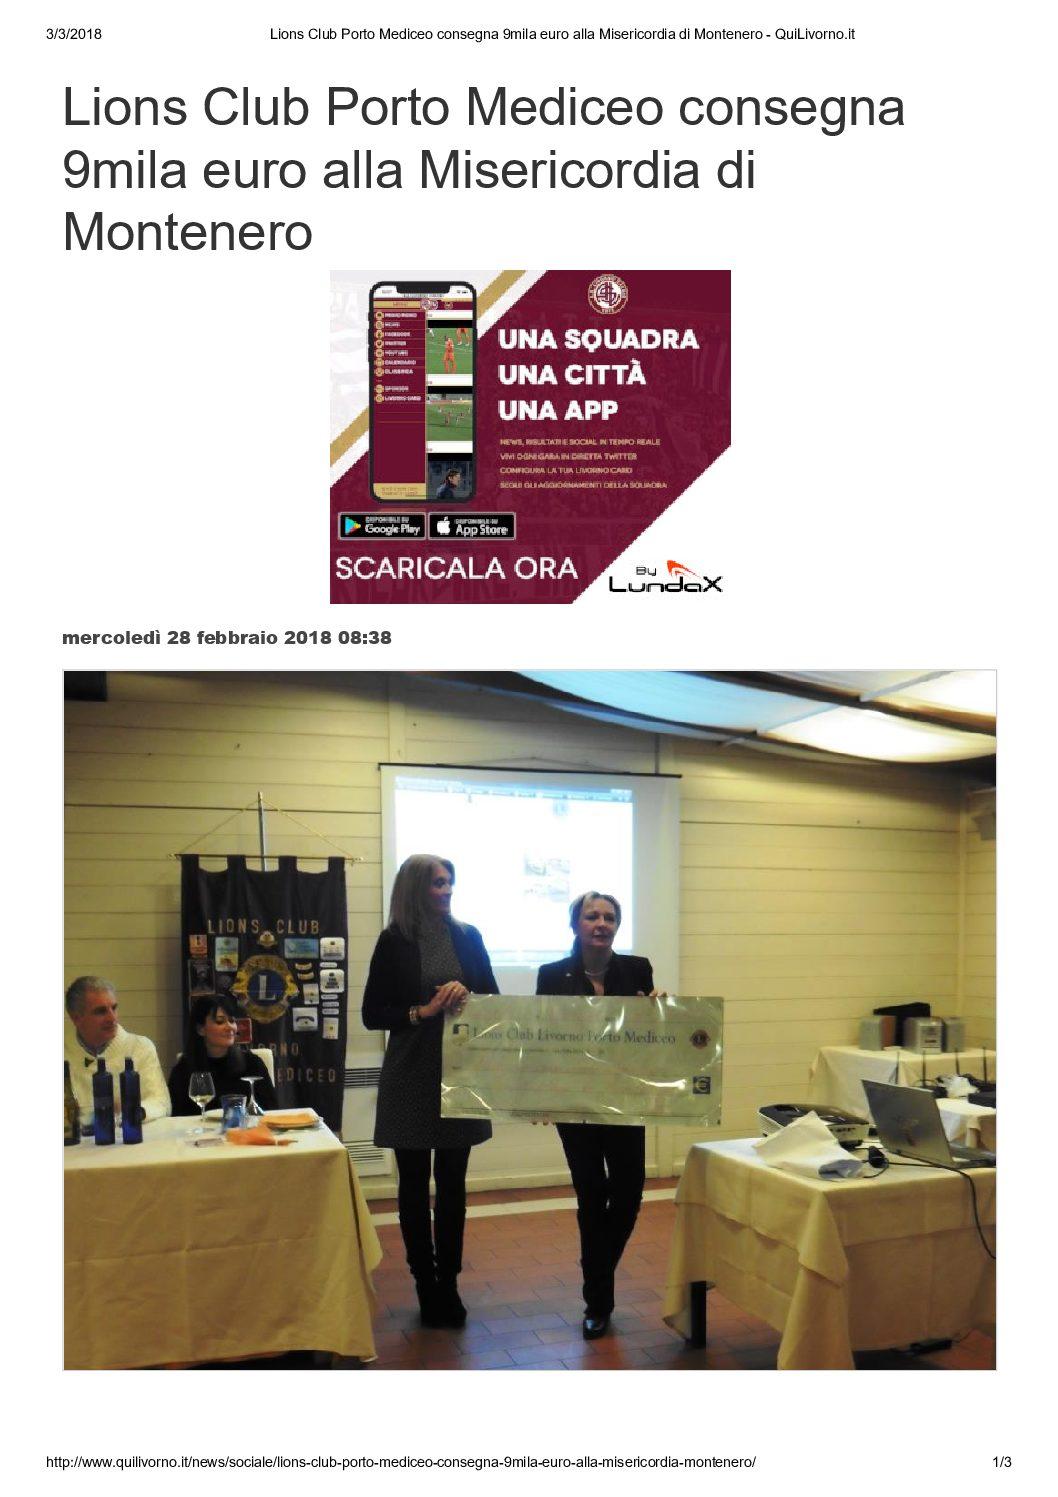 Lions Club Porto Mediceo consegna 9mila euro alla Misericordia di Montenero